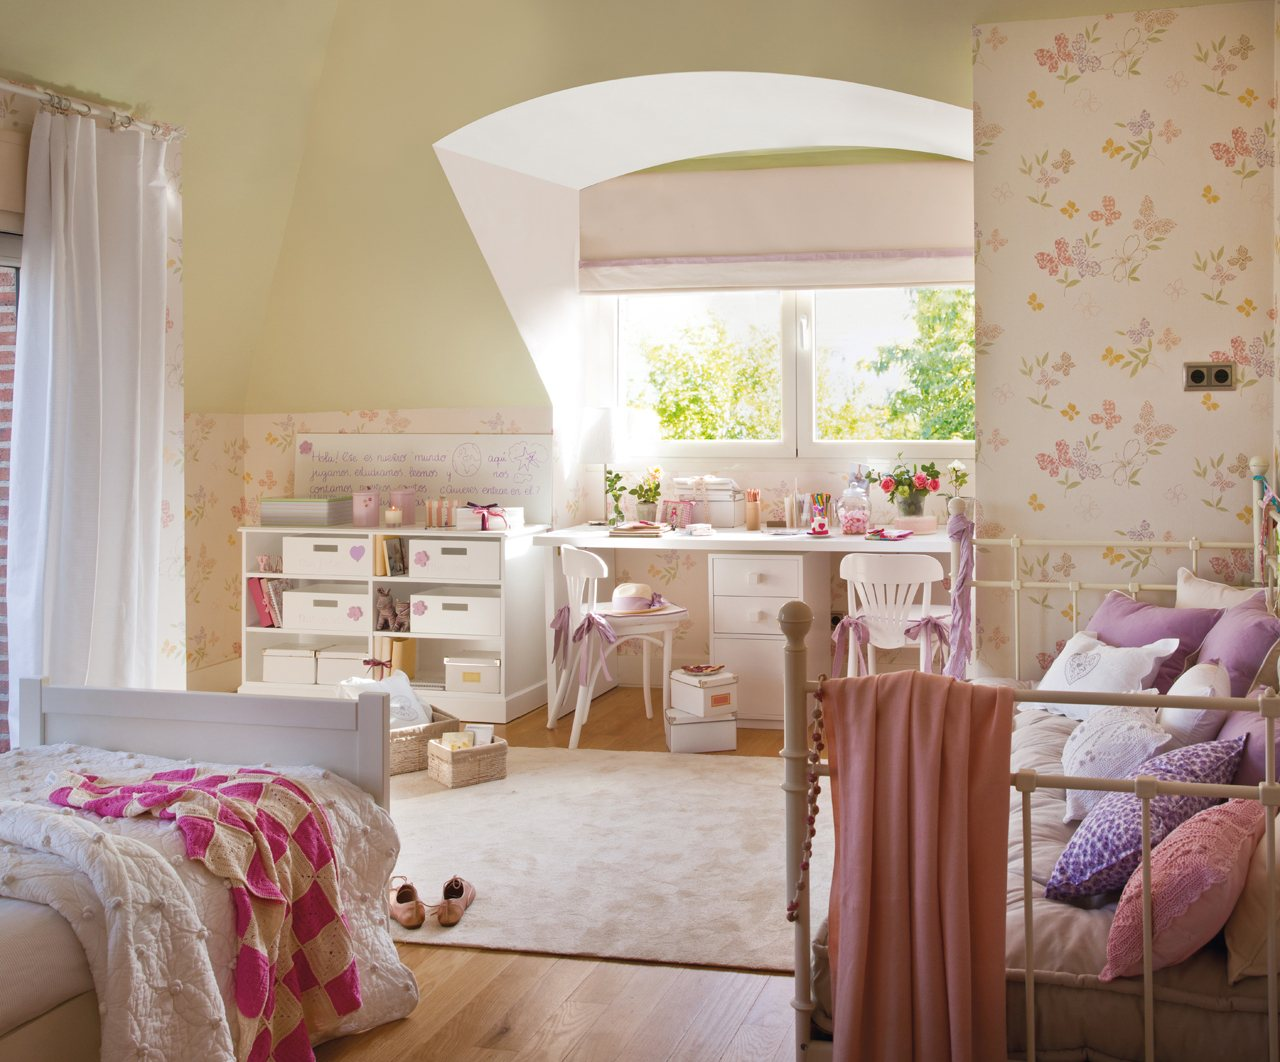 10 cuartos de ni os renovados por el mueble - Dormitorios infantiles con encanto ...